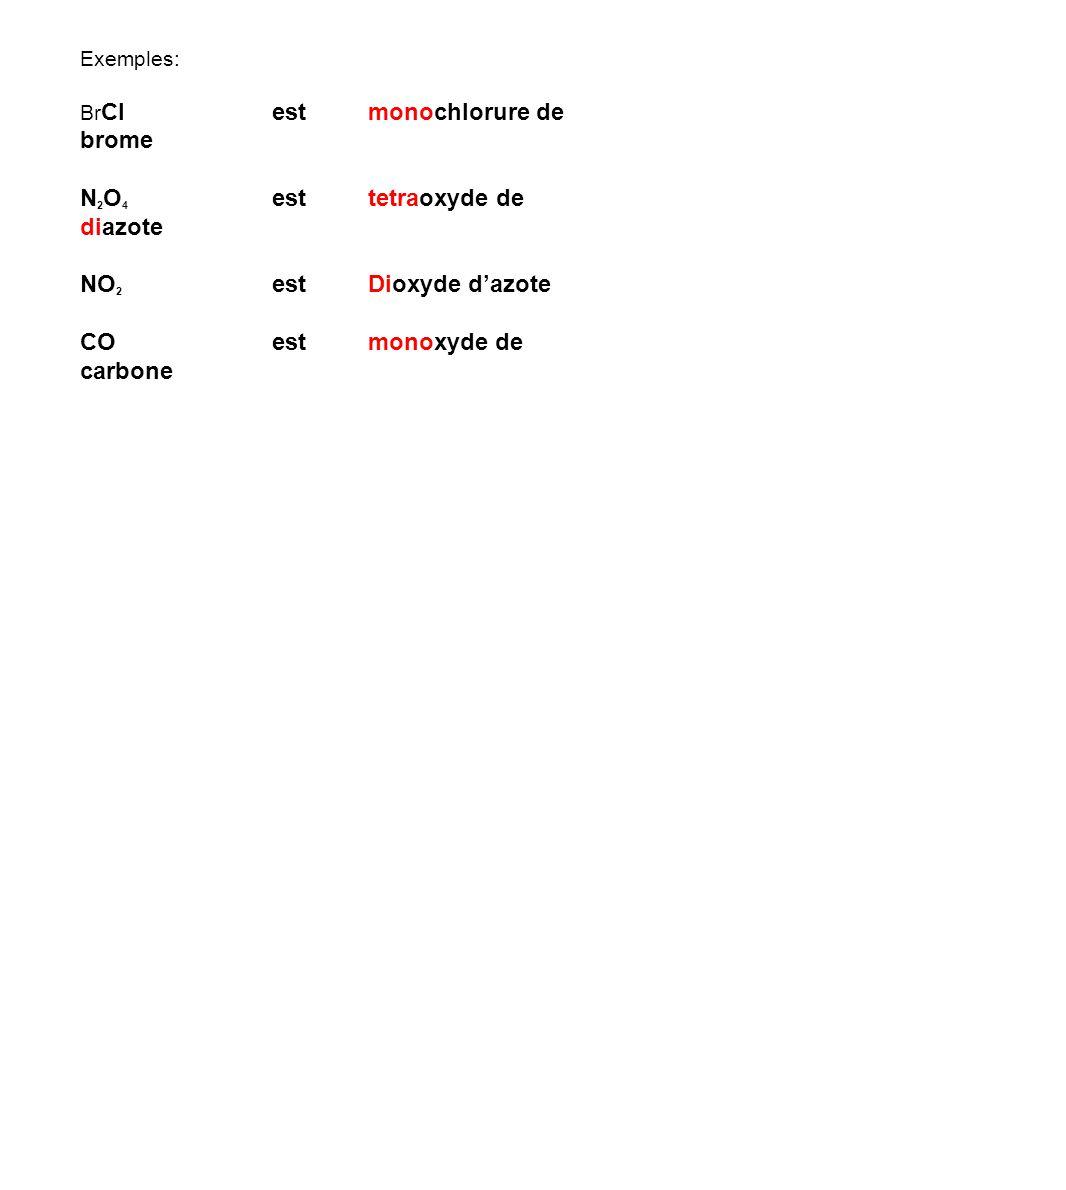 N2O4 est tetraoxyde de diazote